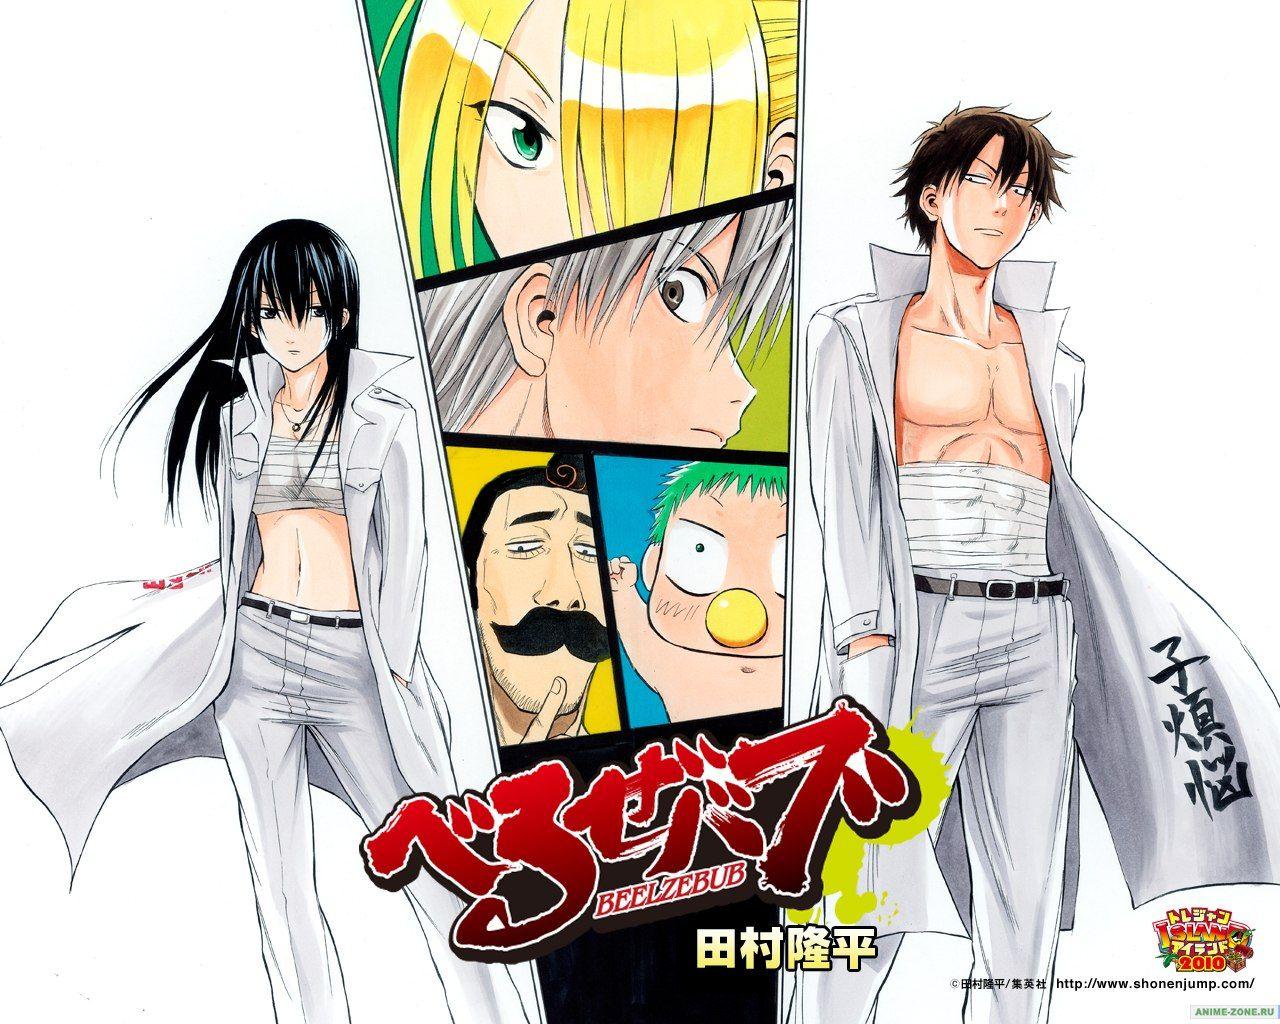 Beelzebub Beelzebub, Anime manga, Kaichou wa maid sama